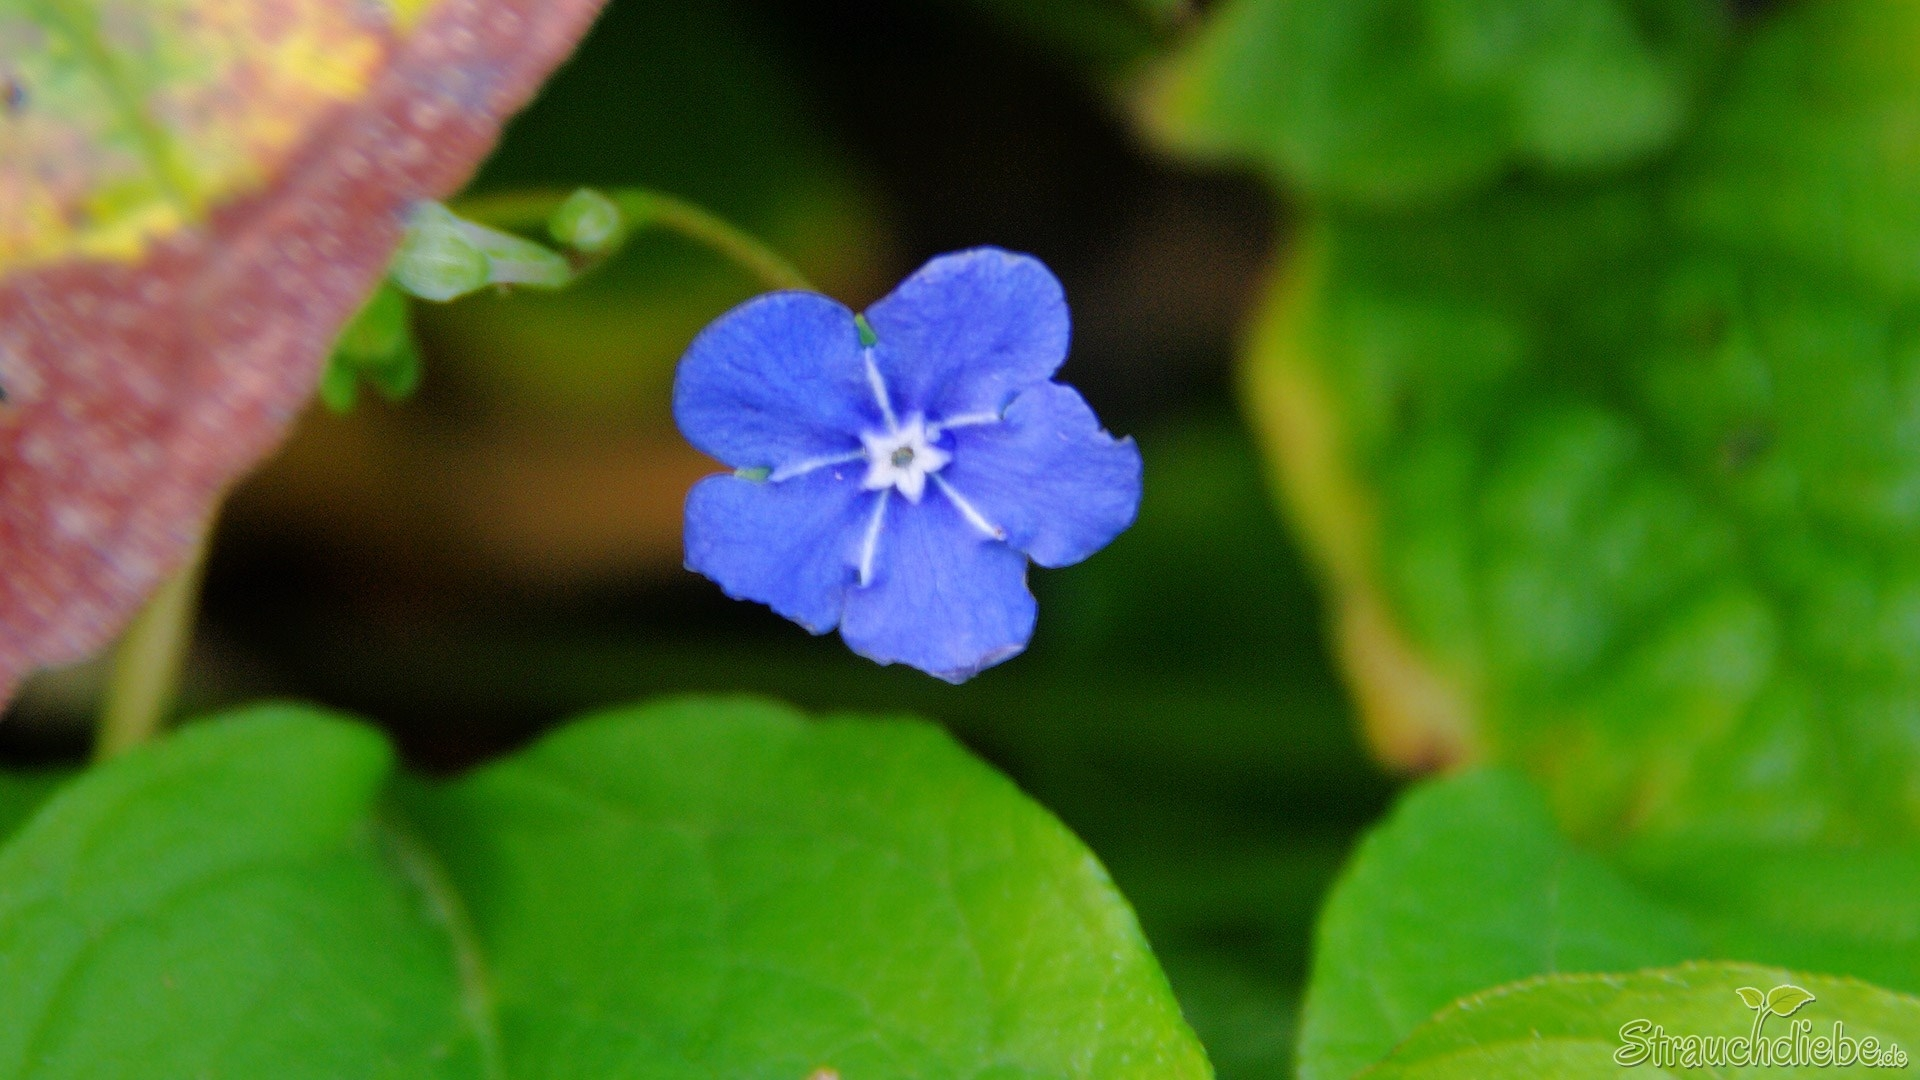 Kaukasusvergissmeinnicht (Brunnera macrophylla)